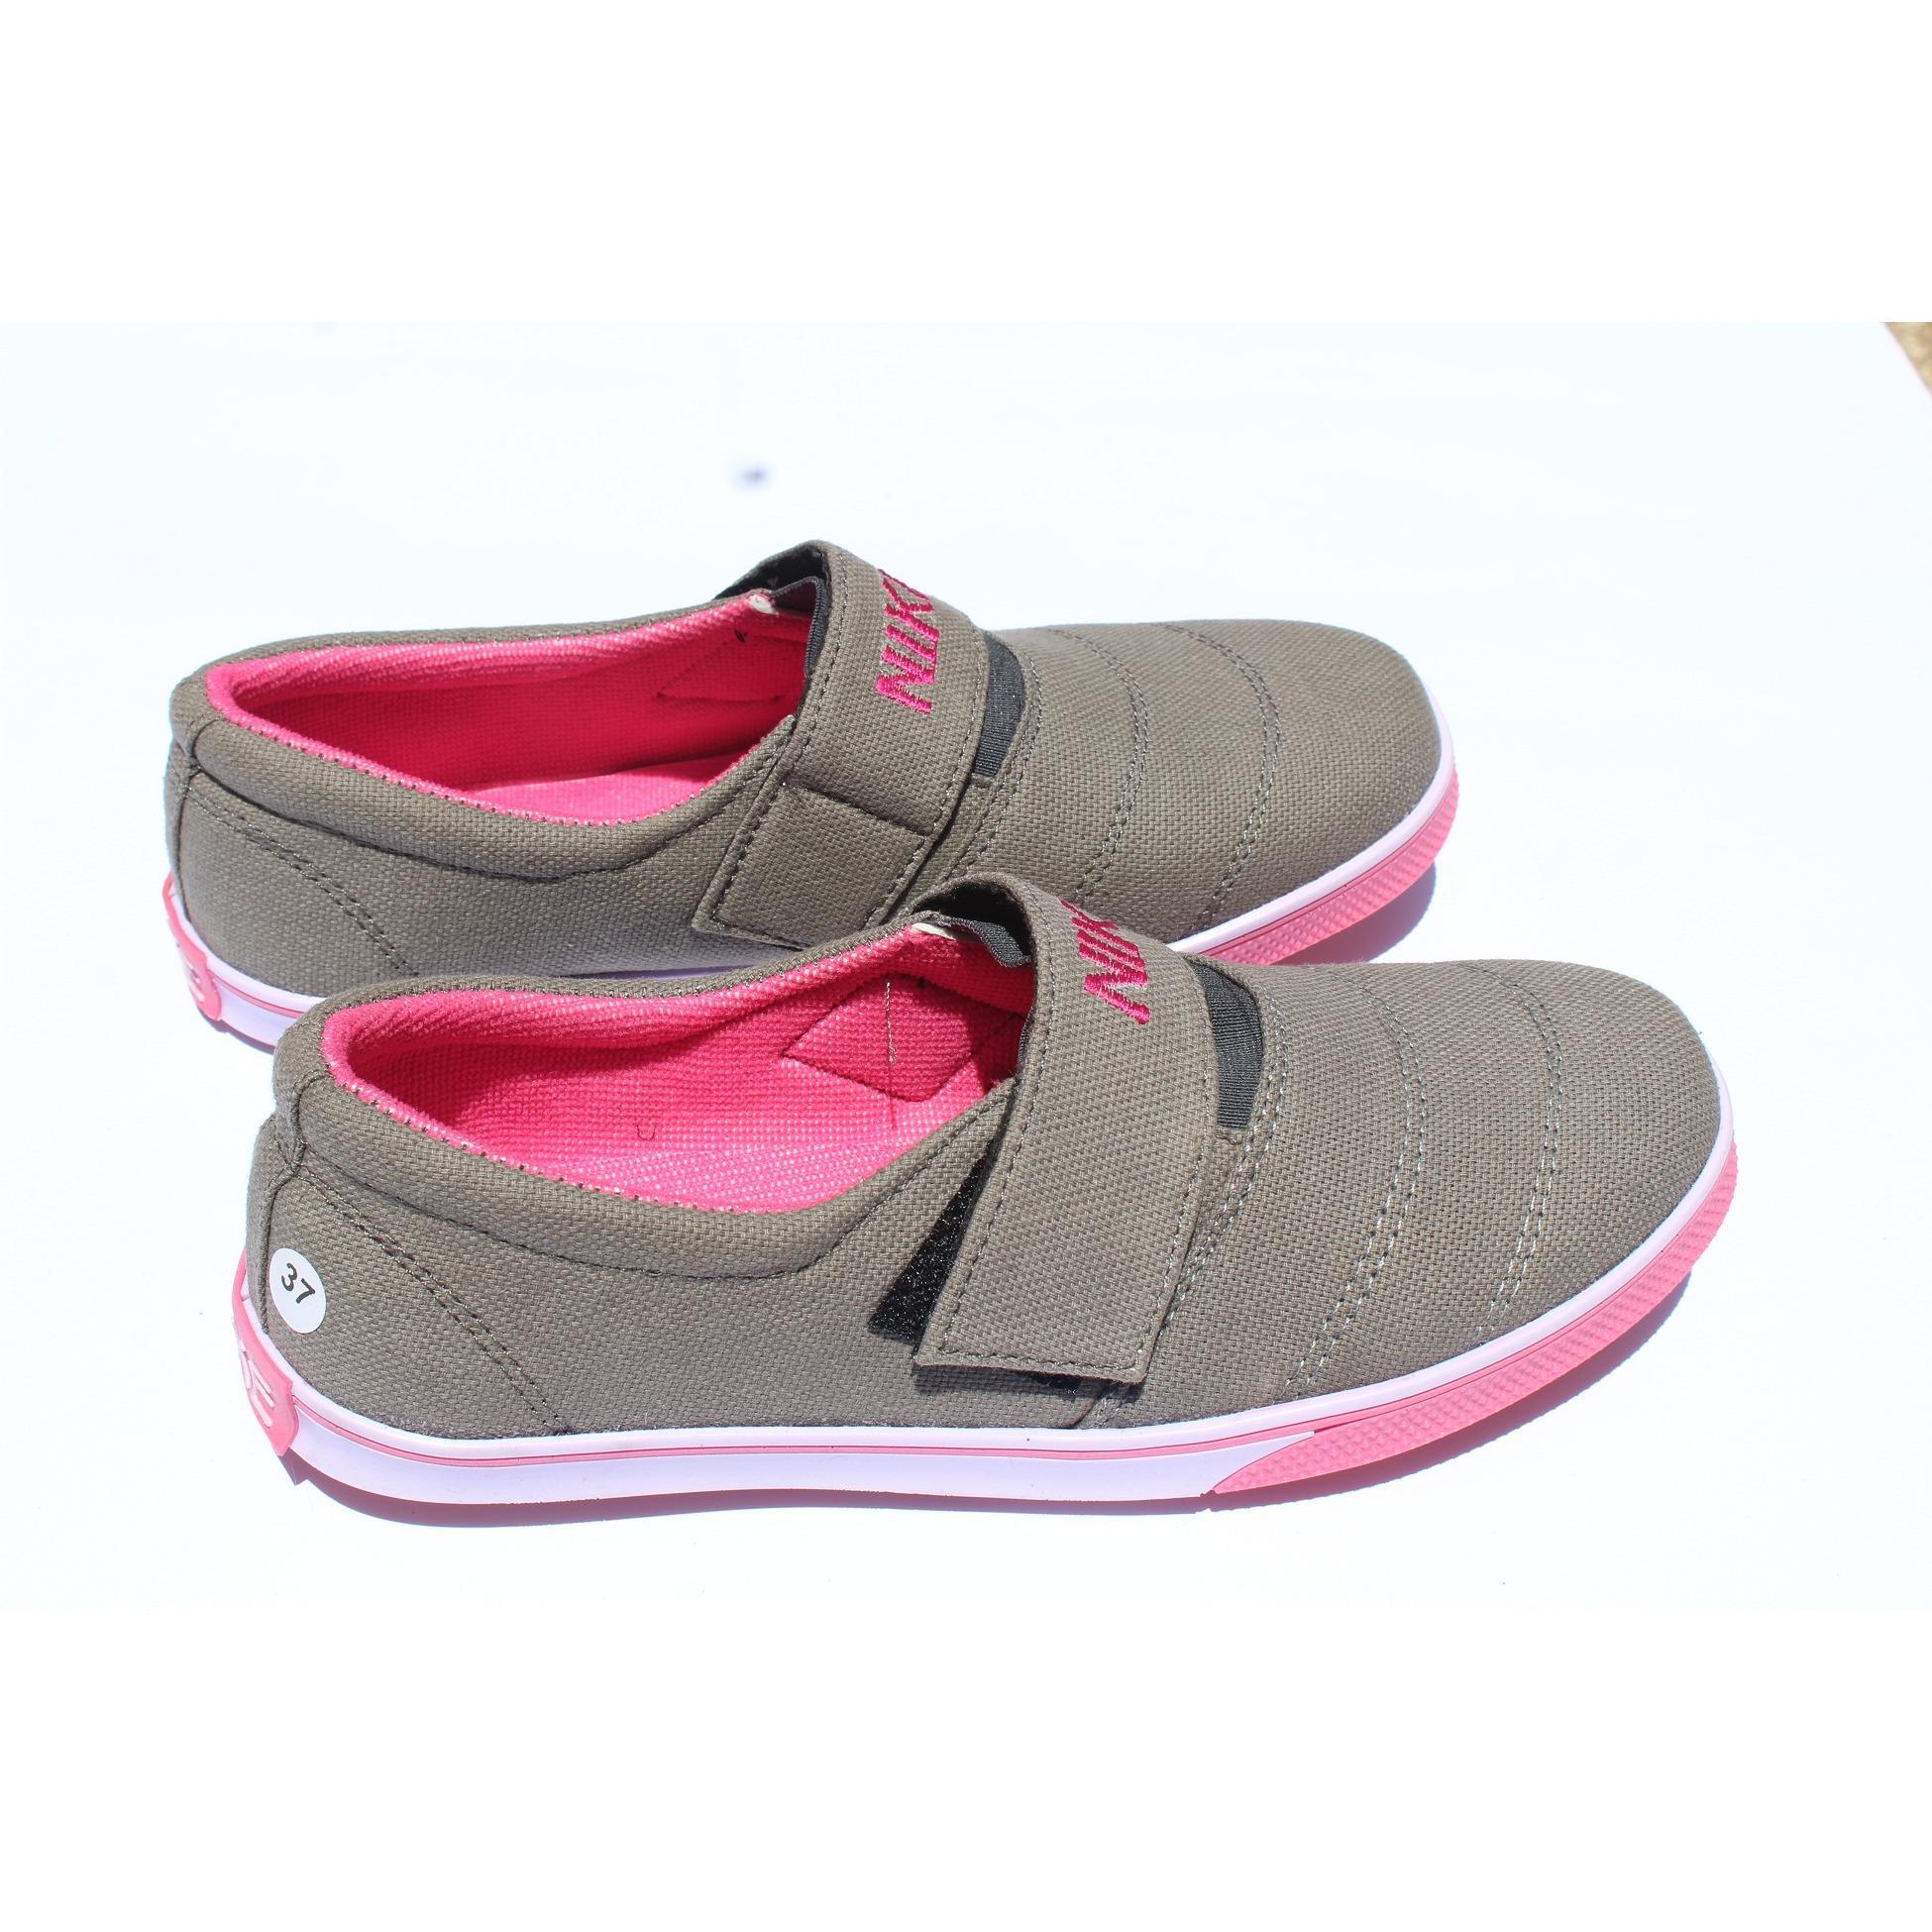 ad369ffa56461887a6e61d43ec5caeca Kumpulan Daftar Harga Sepatu Wanita Casual Terbaru Terbaik tahun ini